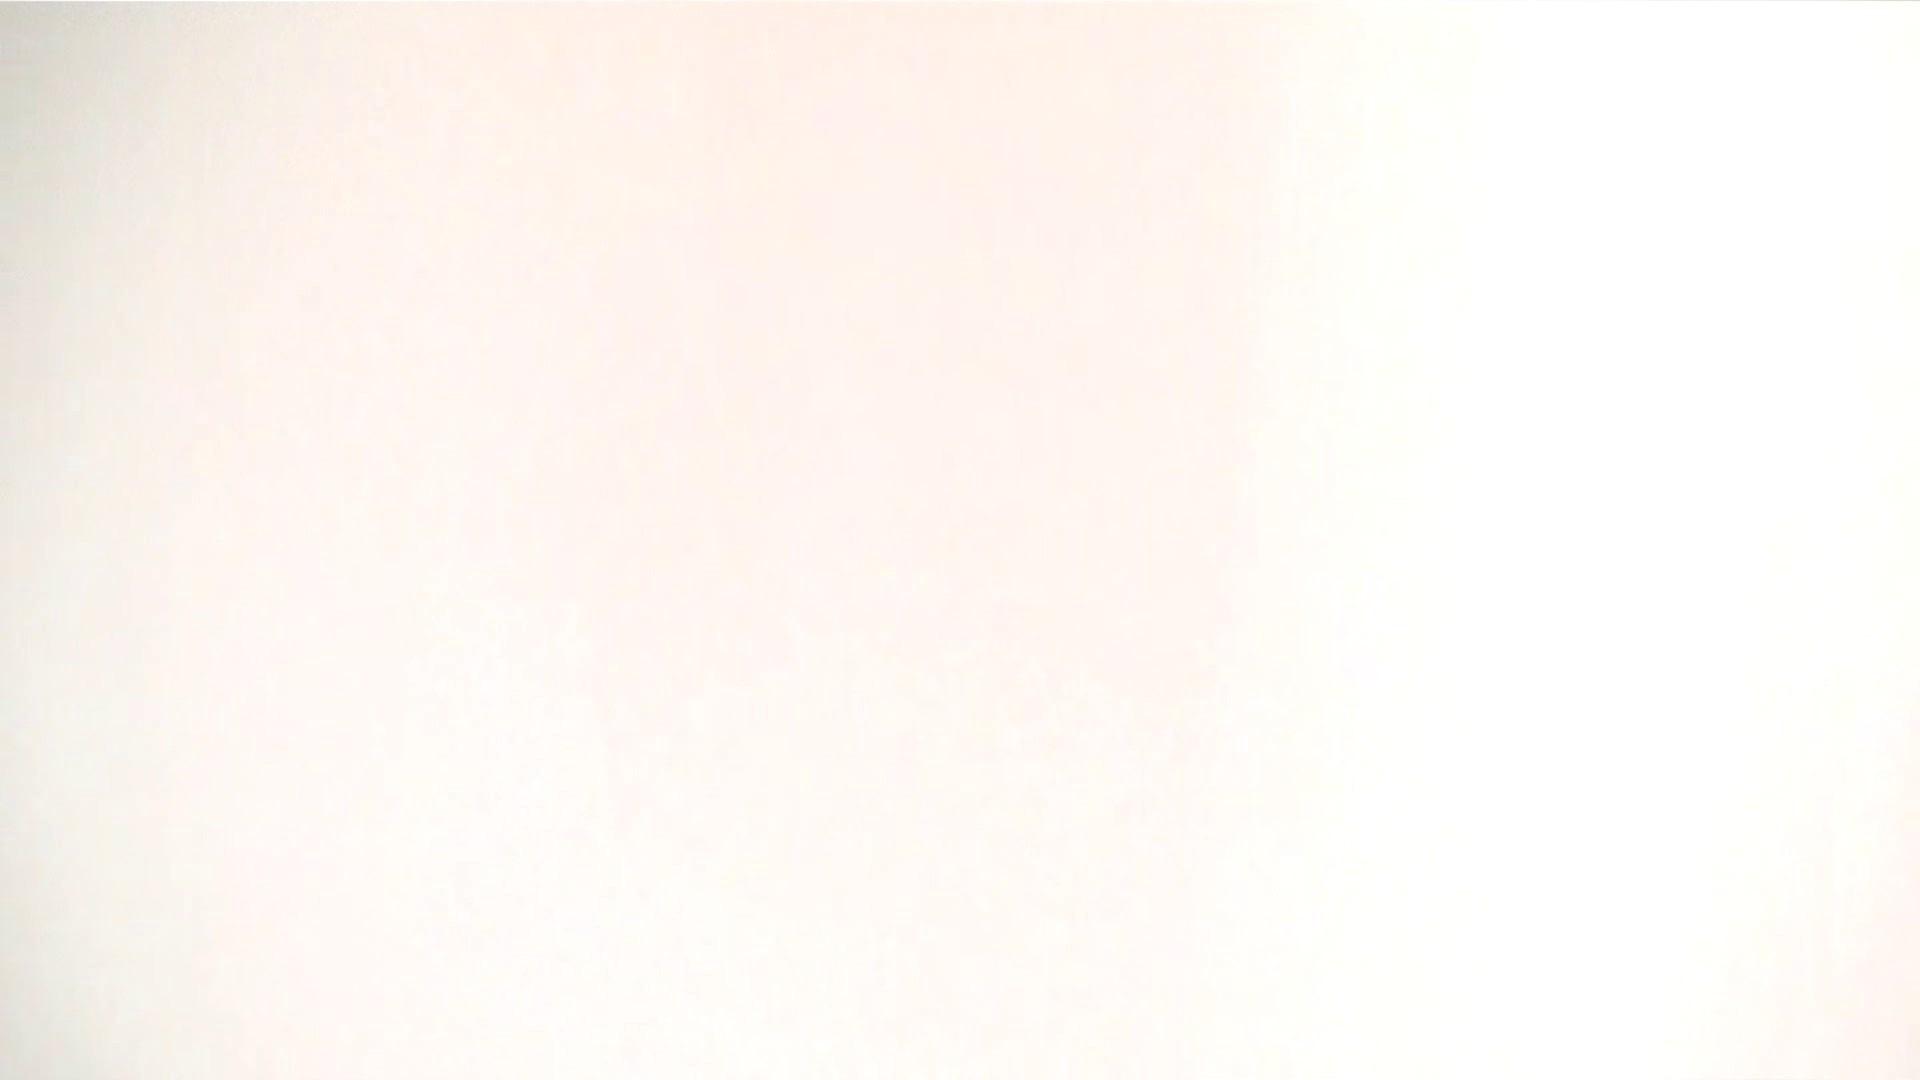 ※100個限定販売 至高下半身盗撮 プレミアム Vol.32 ハイビジョン 丸見えマンコ | 洗面所  88画像 77